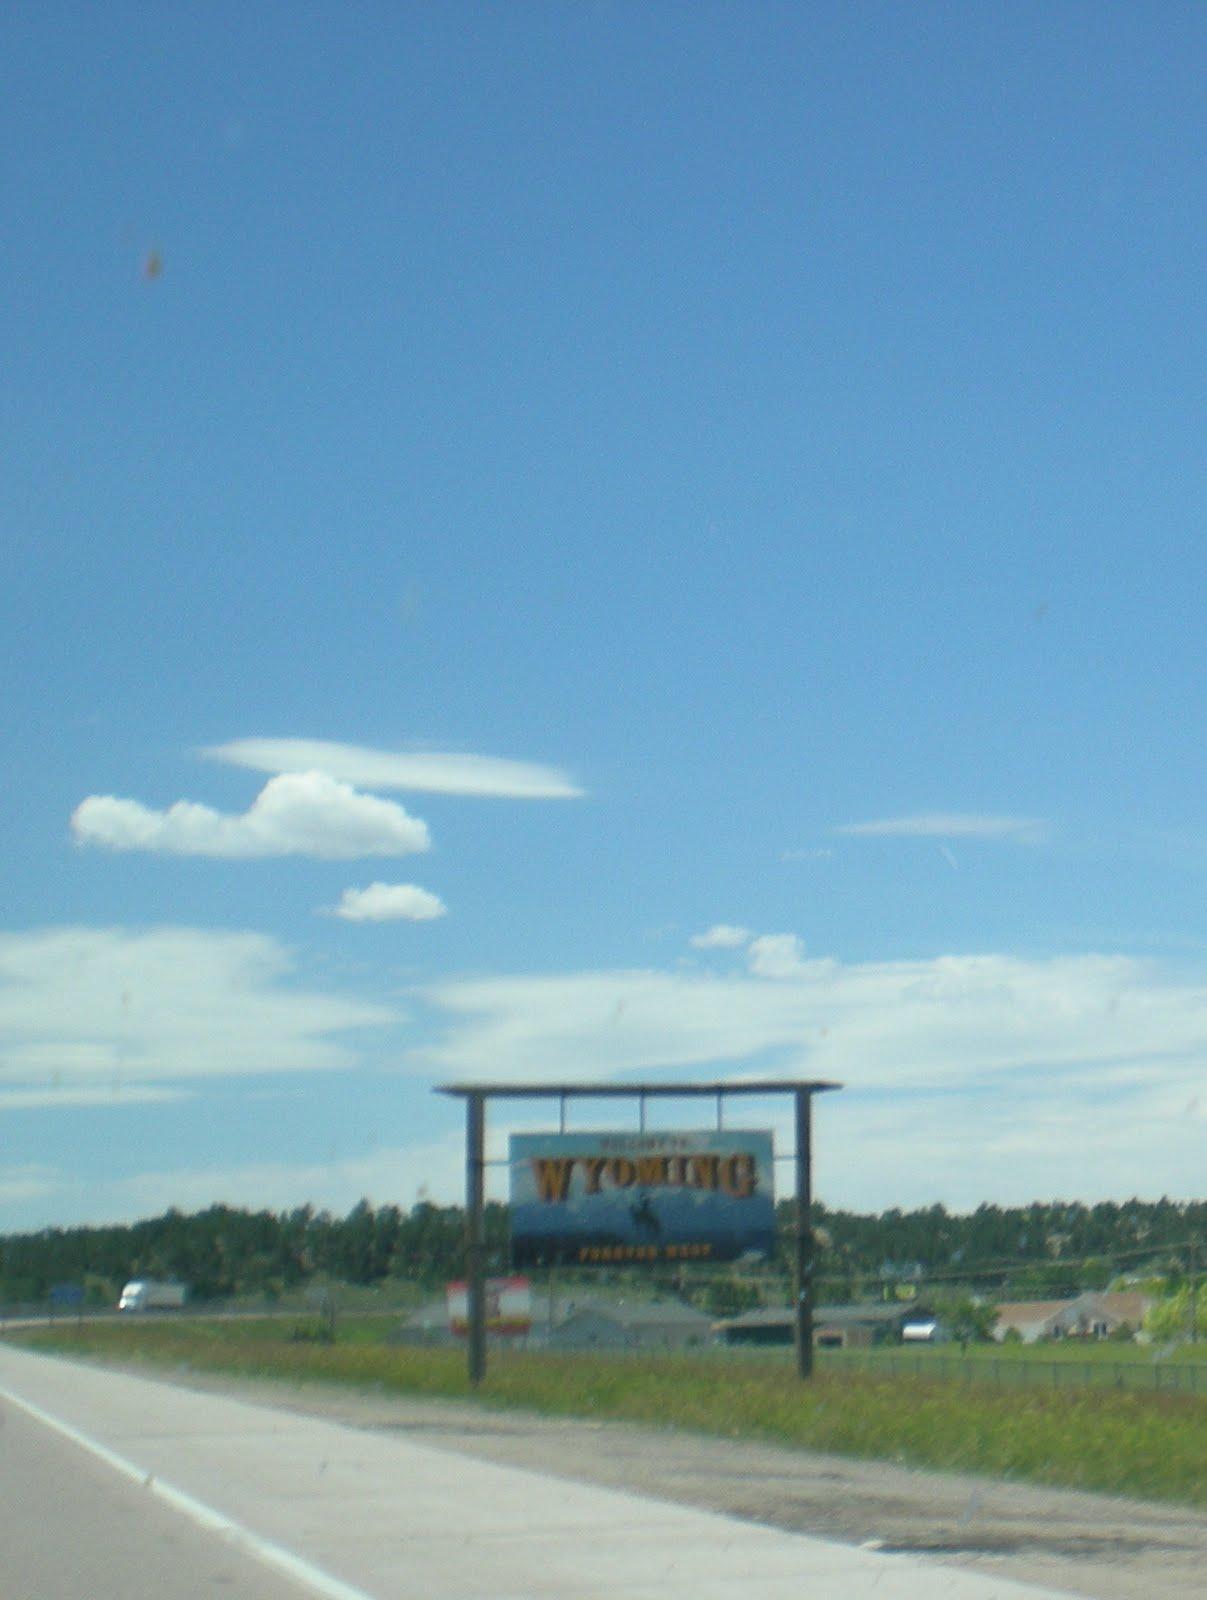 http://1.bp.blogspot.com/_ZDz-OKiv4PA/TEJeE7ltHbI/AAAAAAAAADM/nZ3Q8IZJI6U/s1600/Wyoming+Sign.jpg